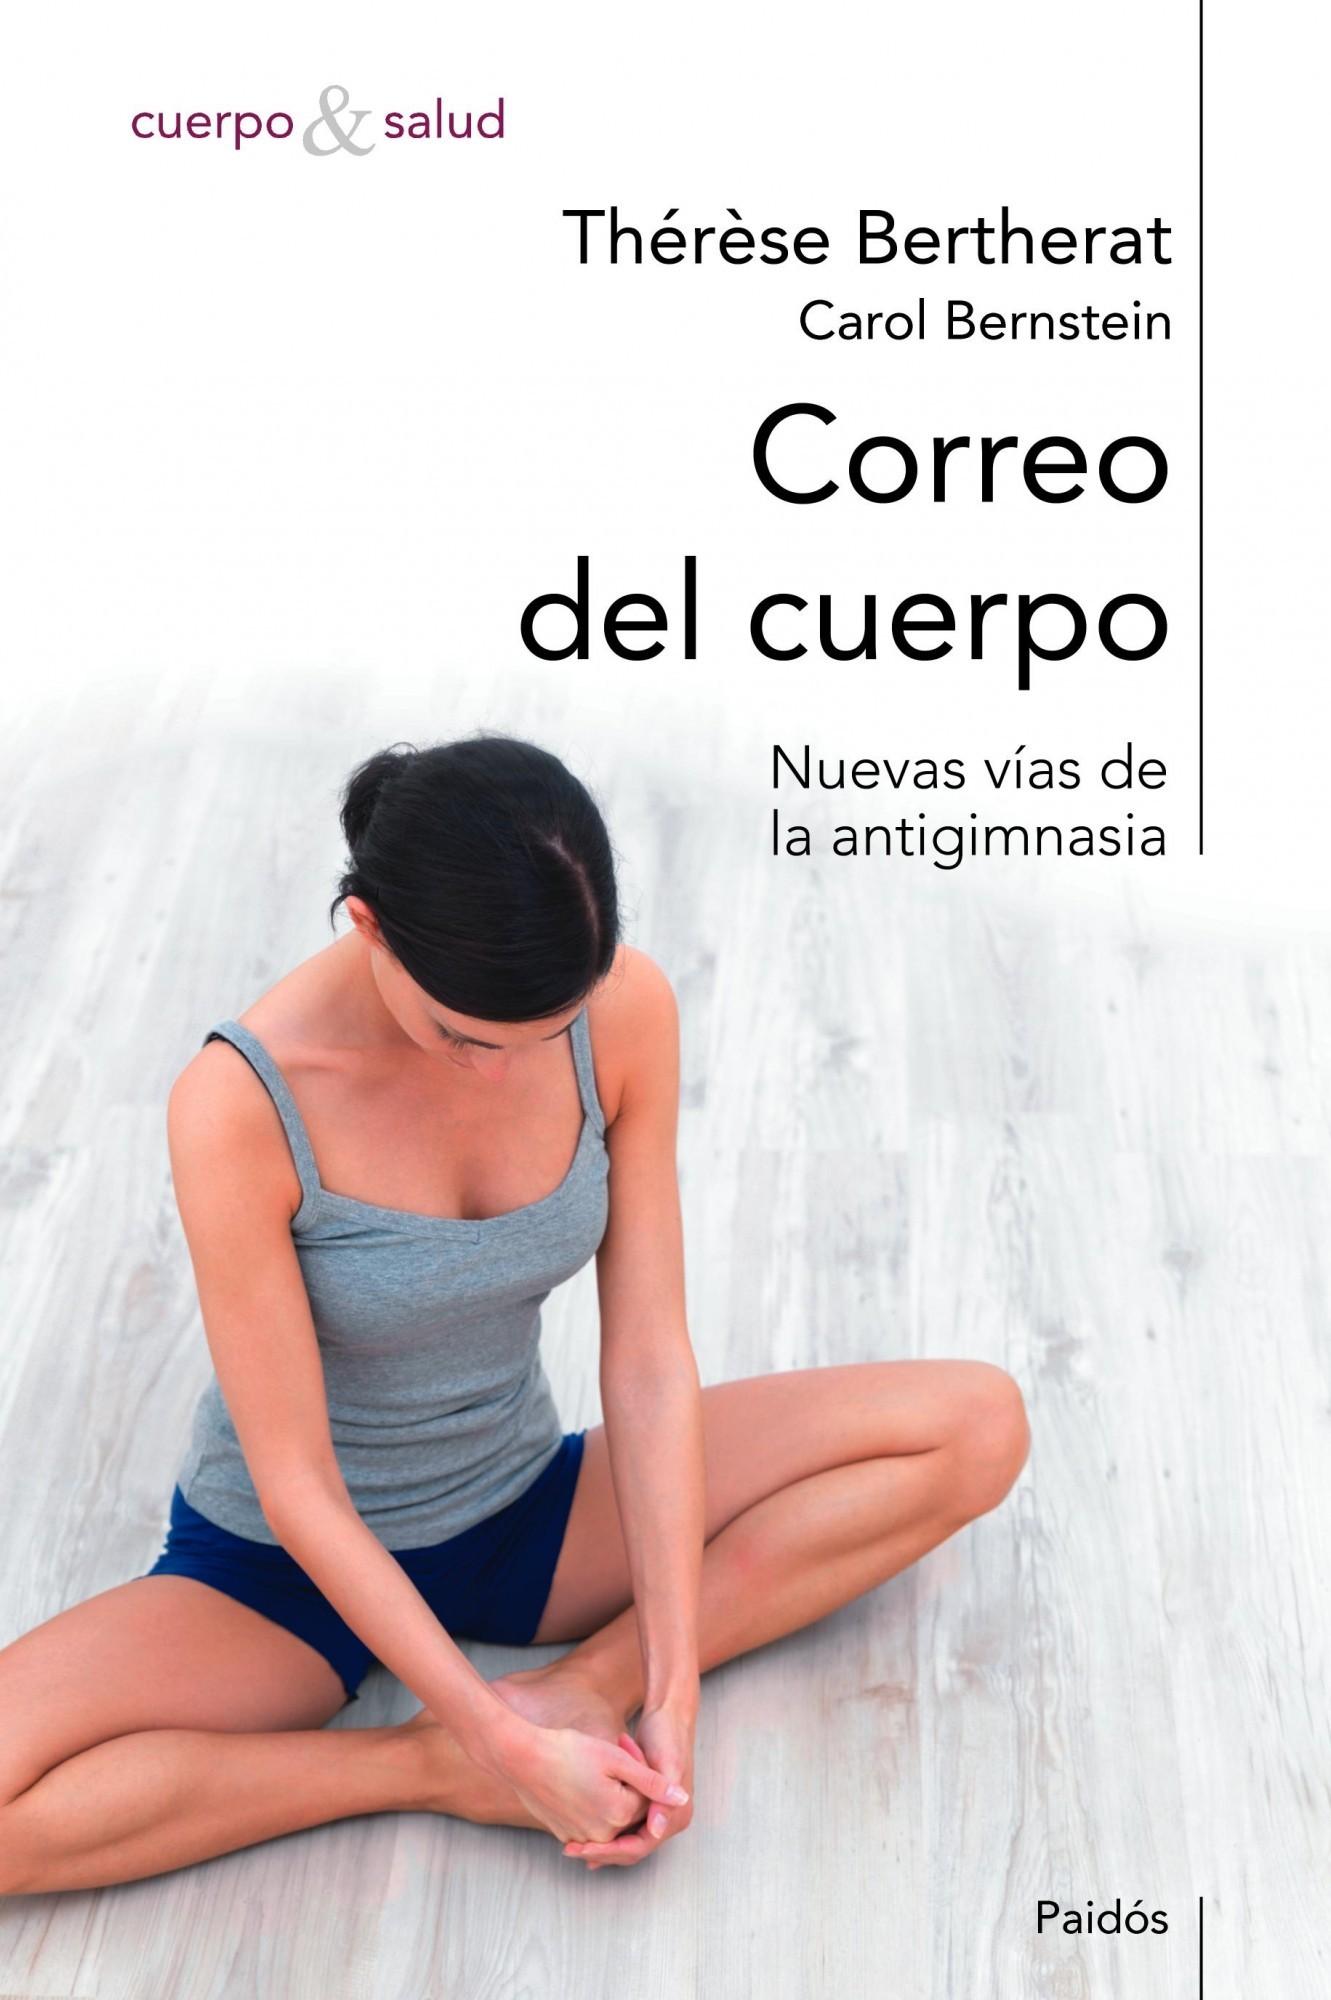 CORREO DEL CUERPO. NUEVAS VIAS DE LA ANTIGIMNASIA